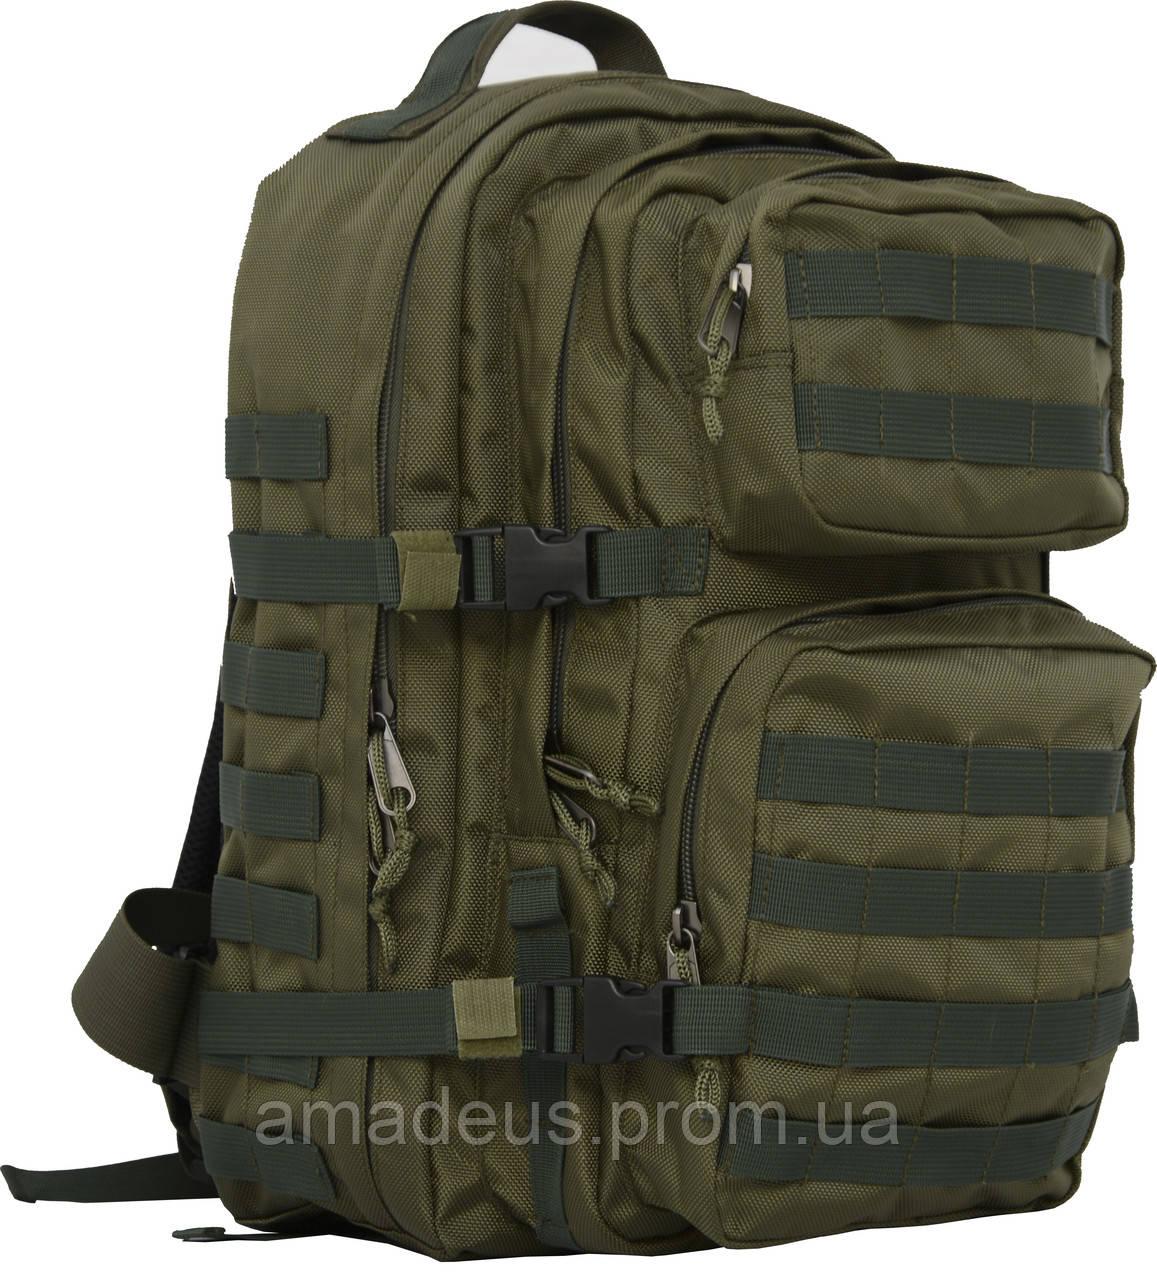 Продажа военных рюкзаков тактический рюкзак гимолайский медведь